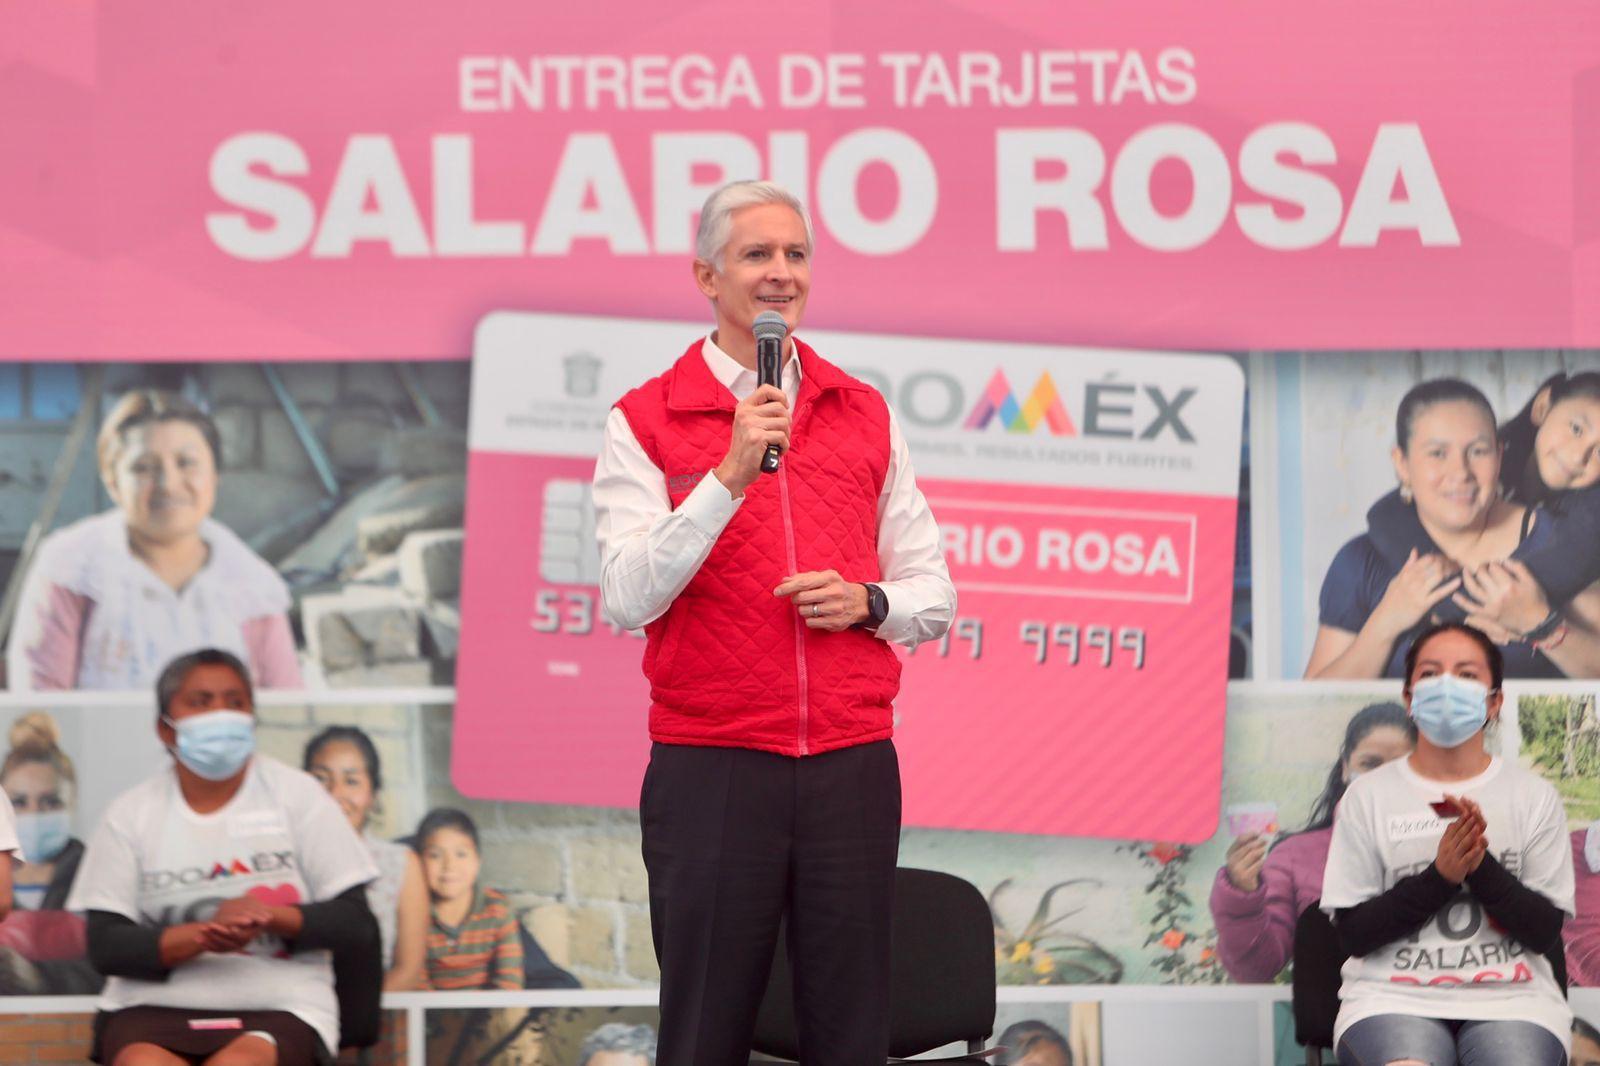 SALARIO ROSA APOYA AL ESFUERZO DE LAS AMAS DE CASA DEL EDOMÉX